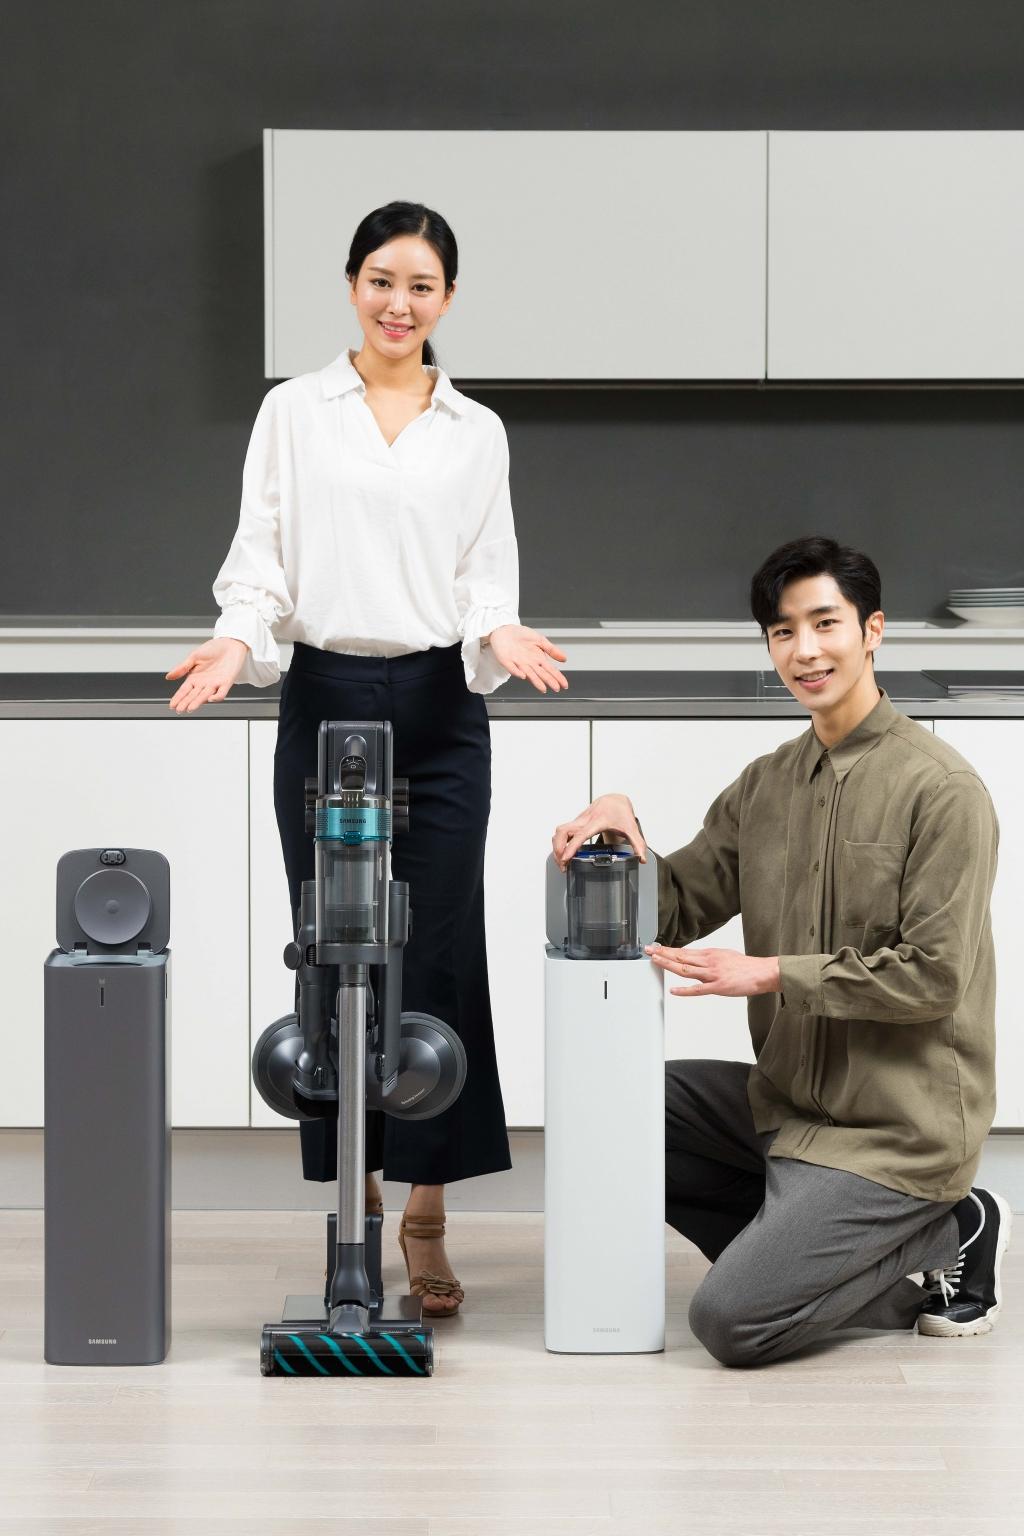 삼성전자, 2020년형 무선 청소기 '제트' 공개, '청정스테이션' 첫선